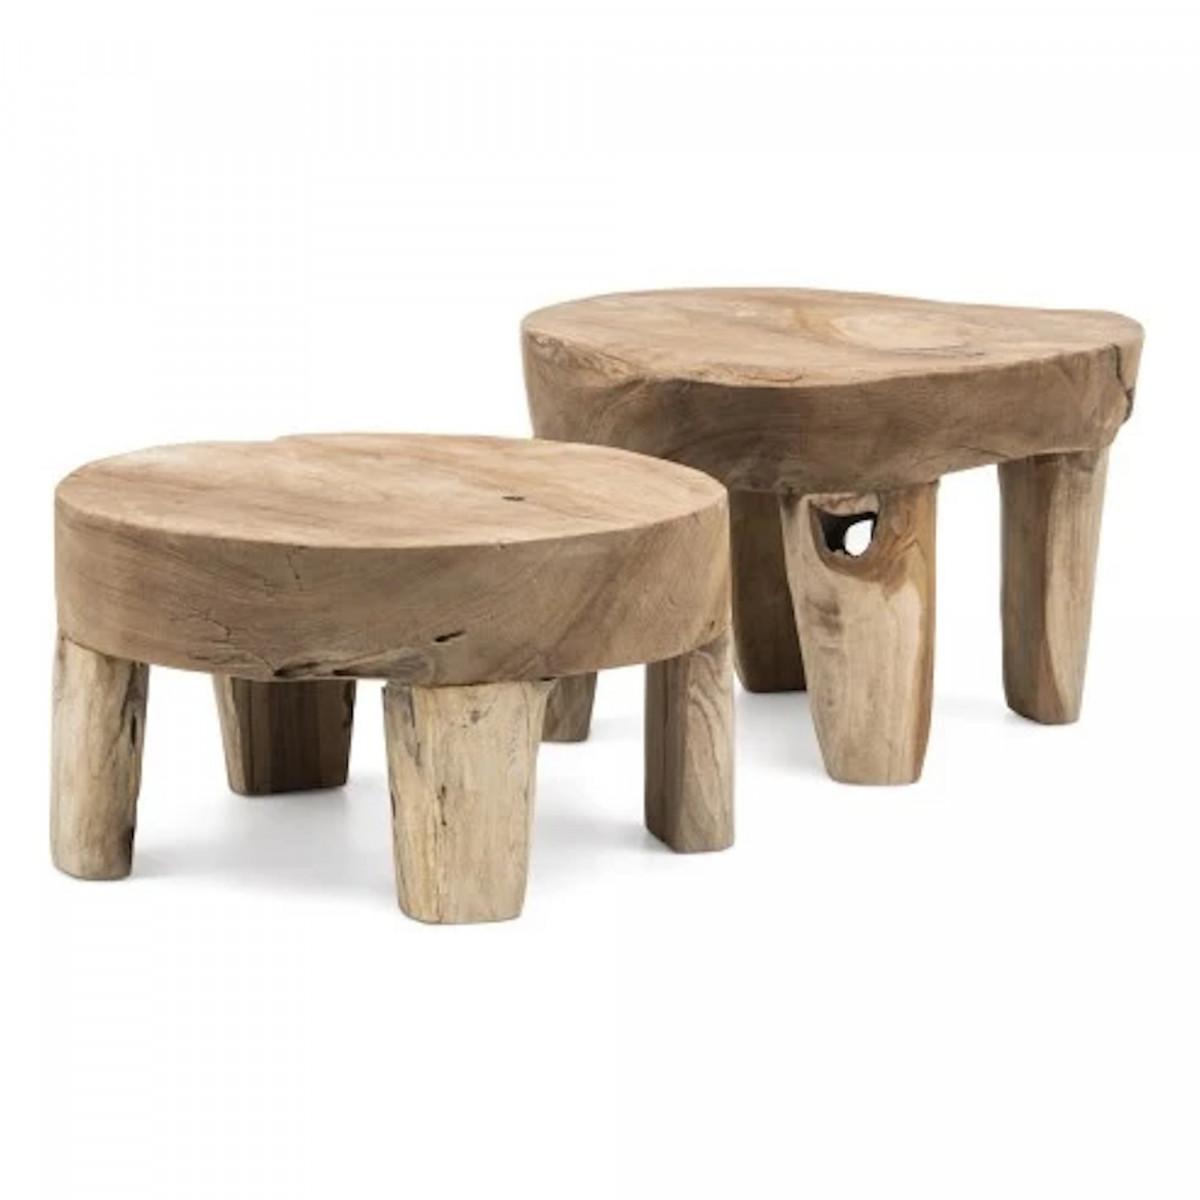 table basse samba en teck pour jardin et salon gommaire tentation